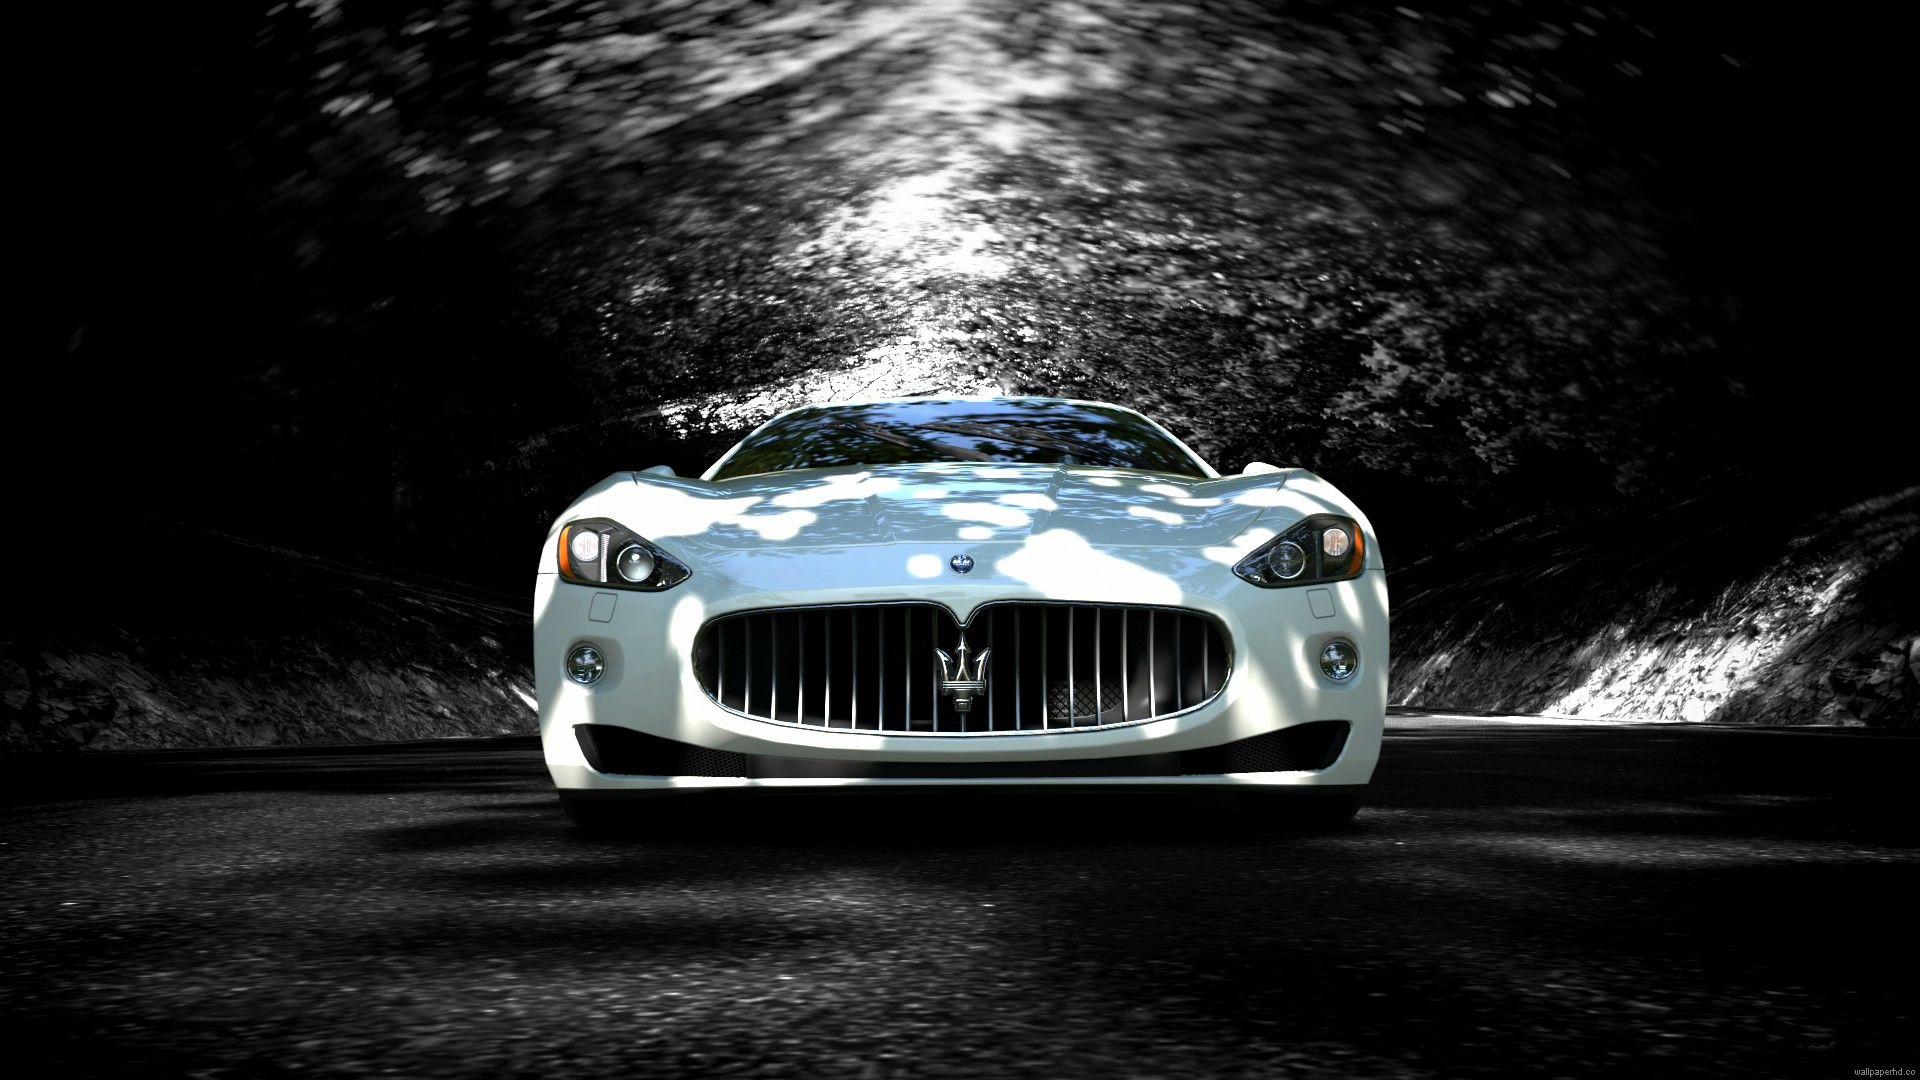 Wallpaper 1920x1080 Full Hd Maserati